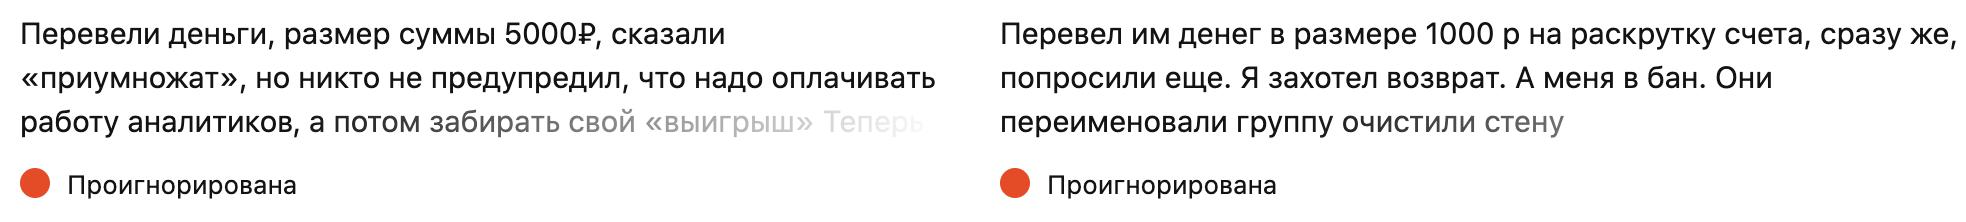 Отзывы о проекте Империя беттинга